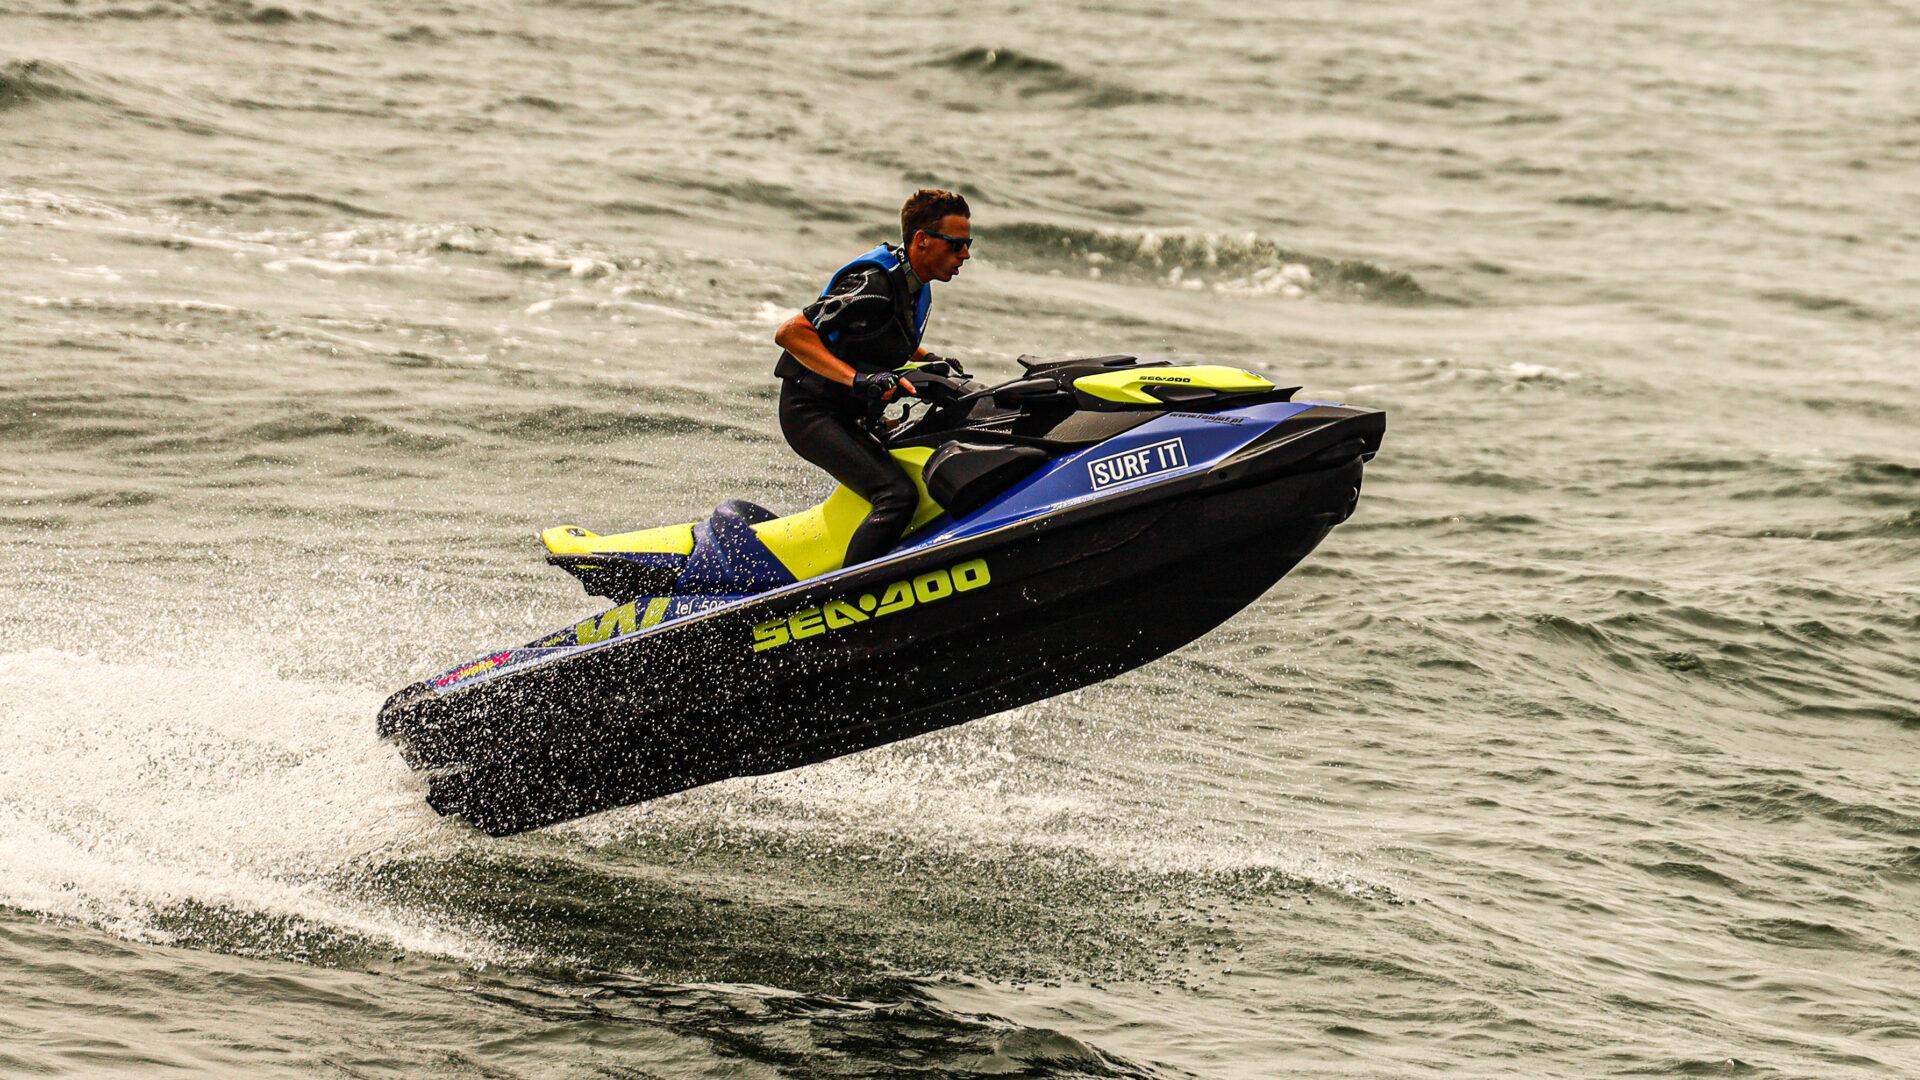 Skok skutera wodnego na fali - Wypożyczalnia skuterów wodnych SURF IT w Ustce